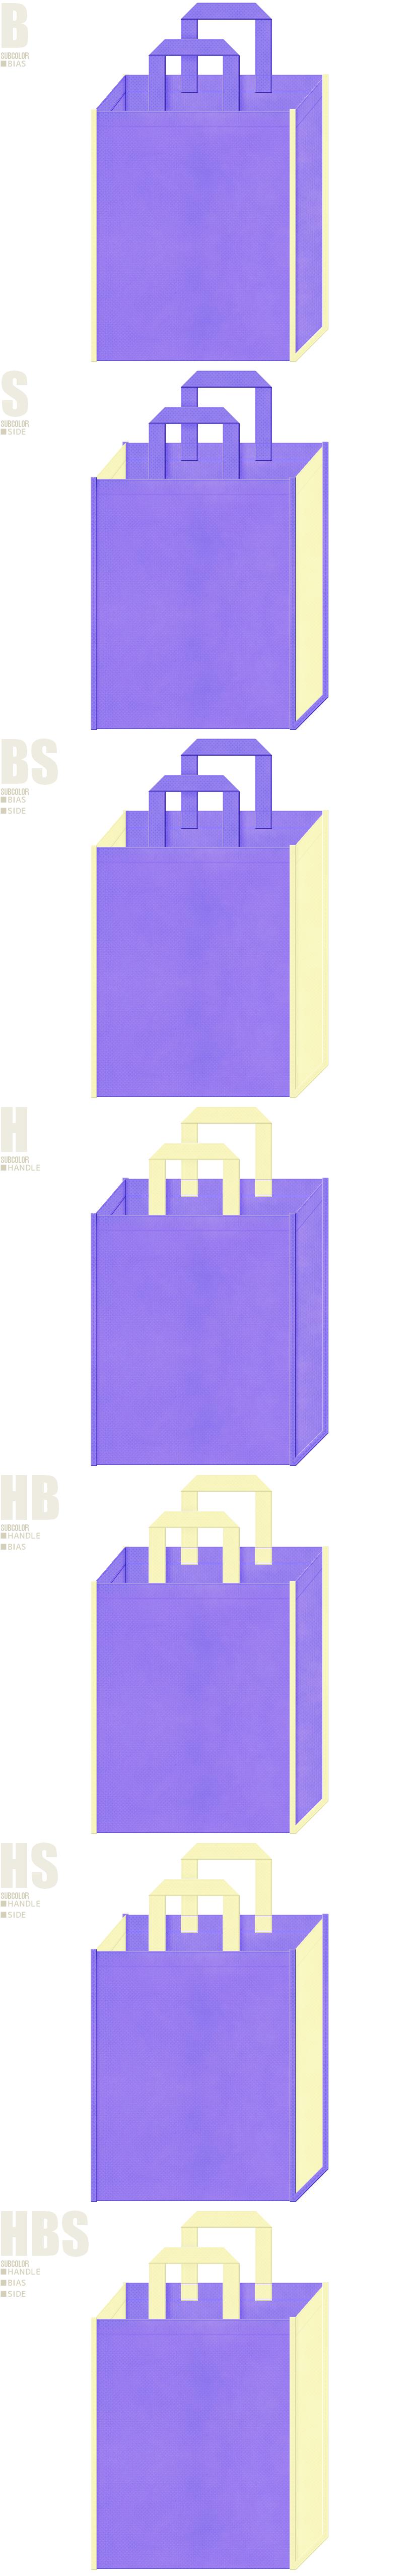 明るめの紫色と薄黄色、7パターンの不織布トートバッグ配色デザイン例。保育・福祉・介護セミナーの資料配布用バッグにお奨めです。